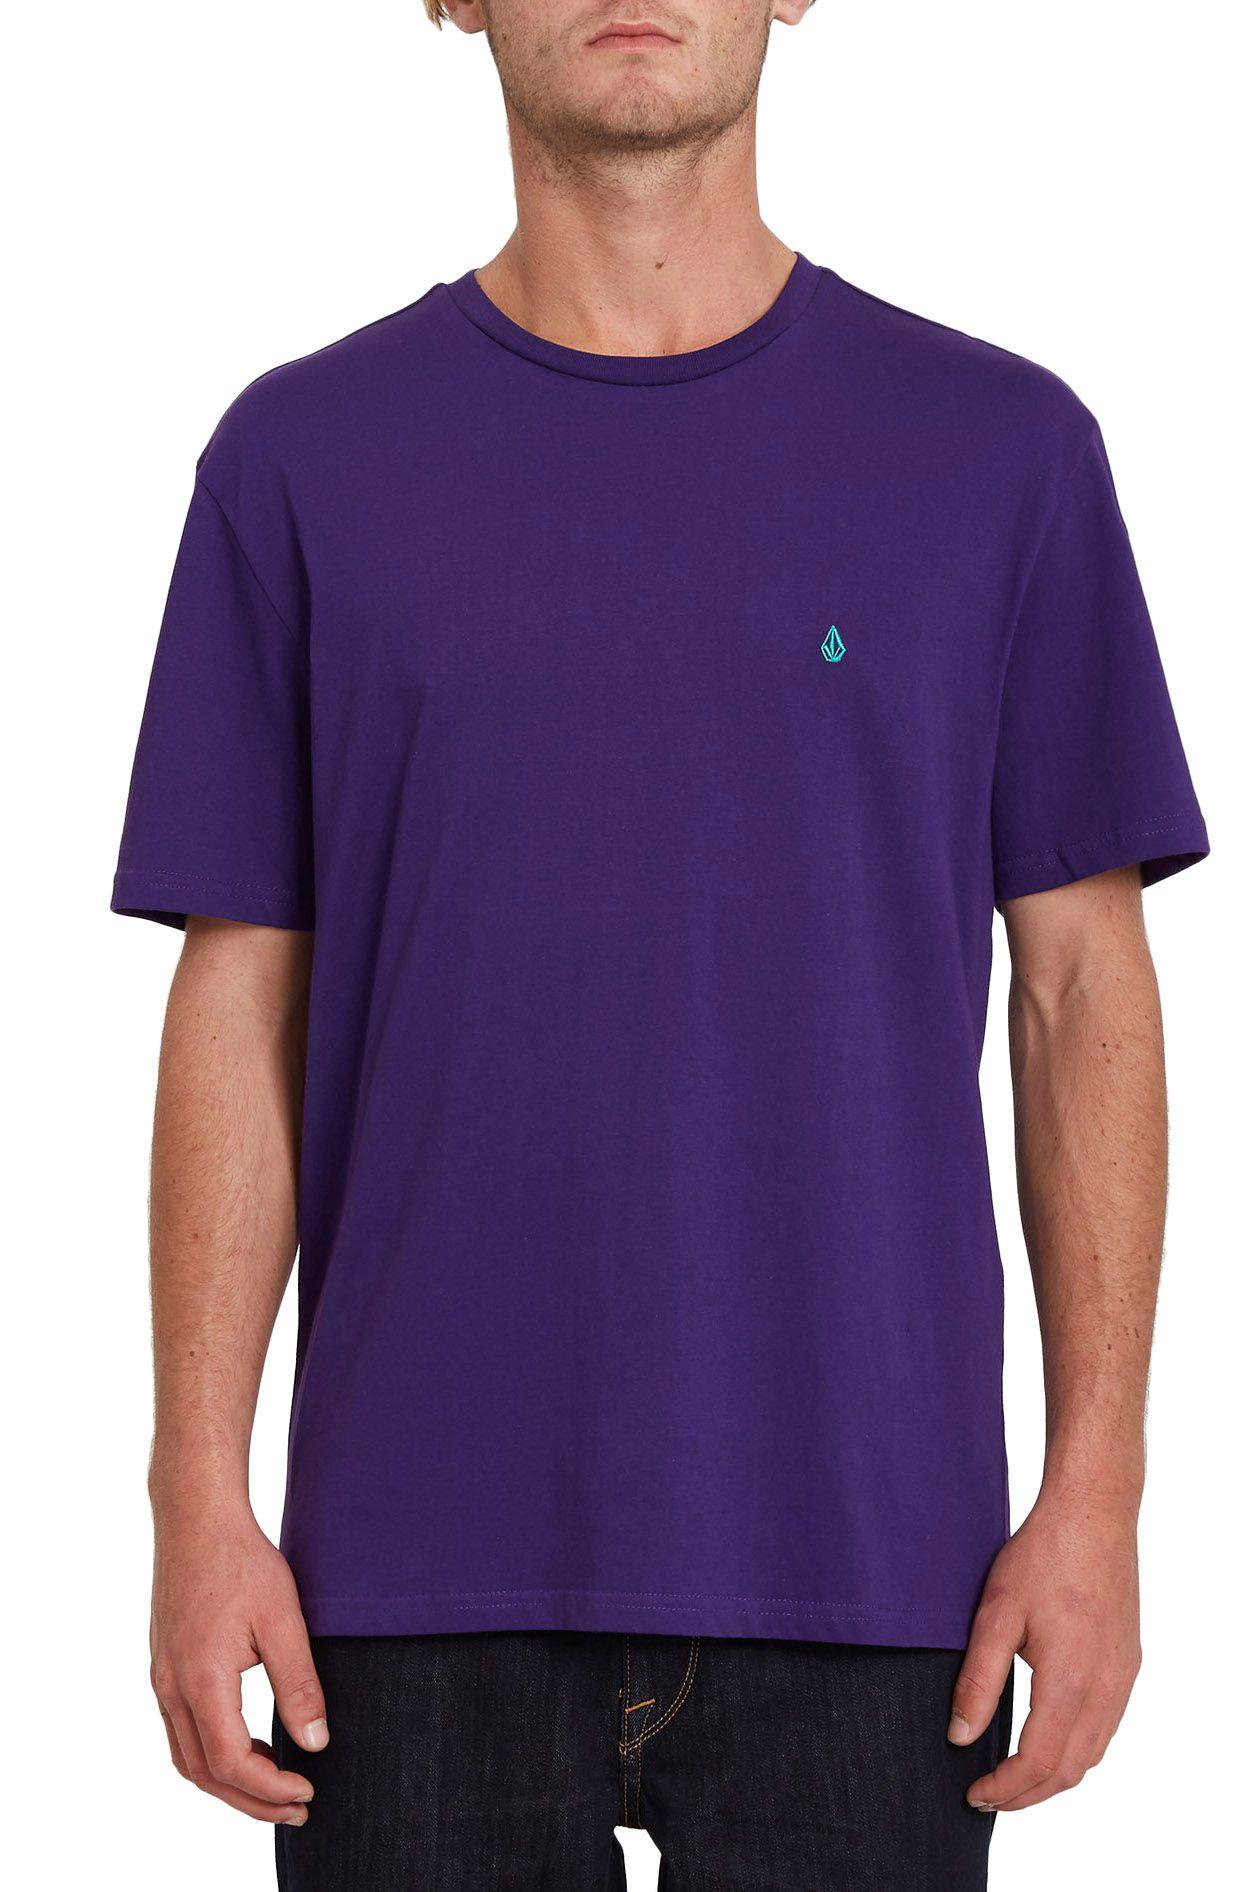 Volcom T-Shirt STONE BLANKS BSC Violet Indigo